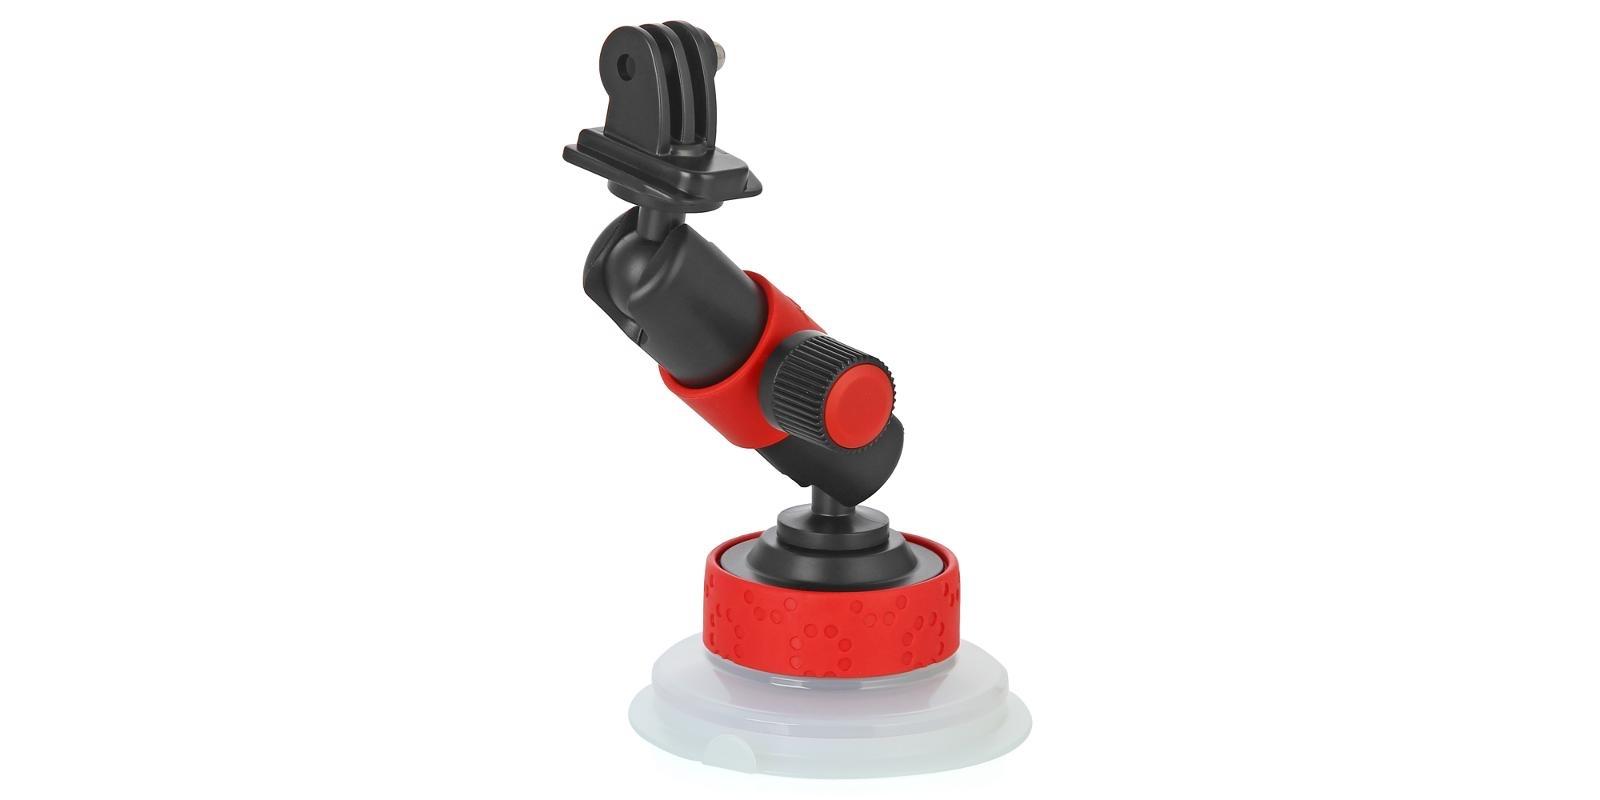 Крепление - присоска Joby Suction Cup & Locking Arm фото с присоской